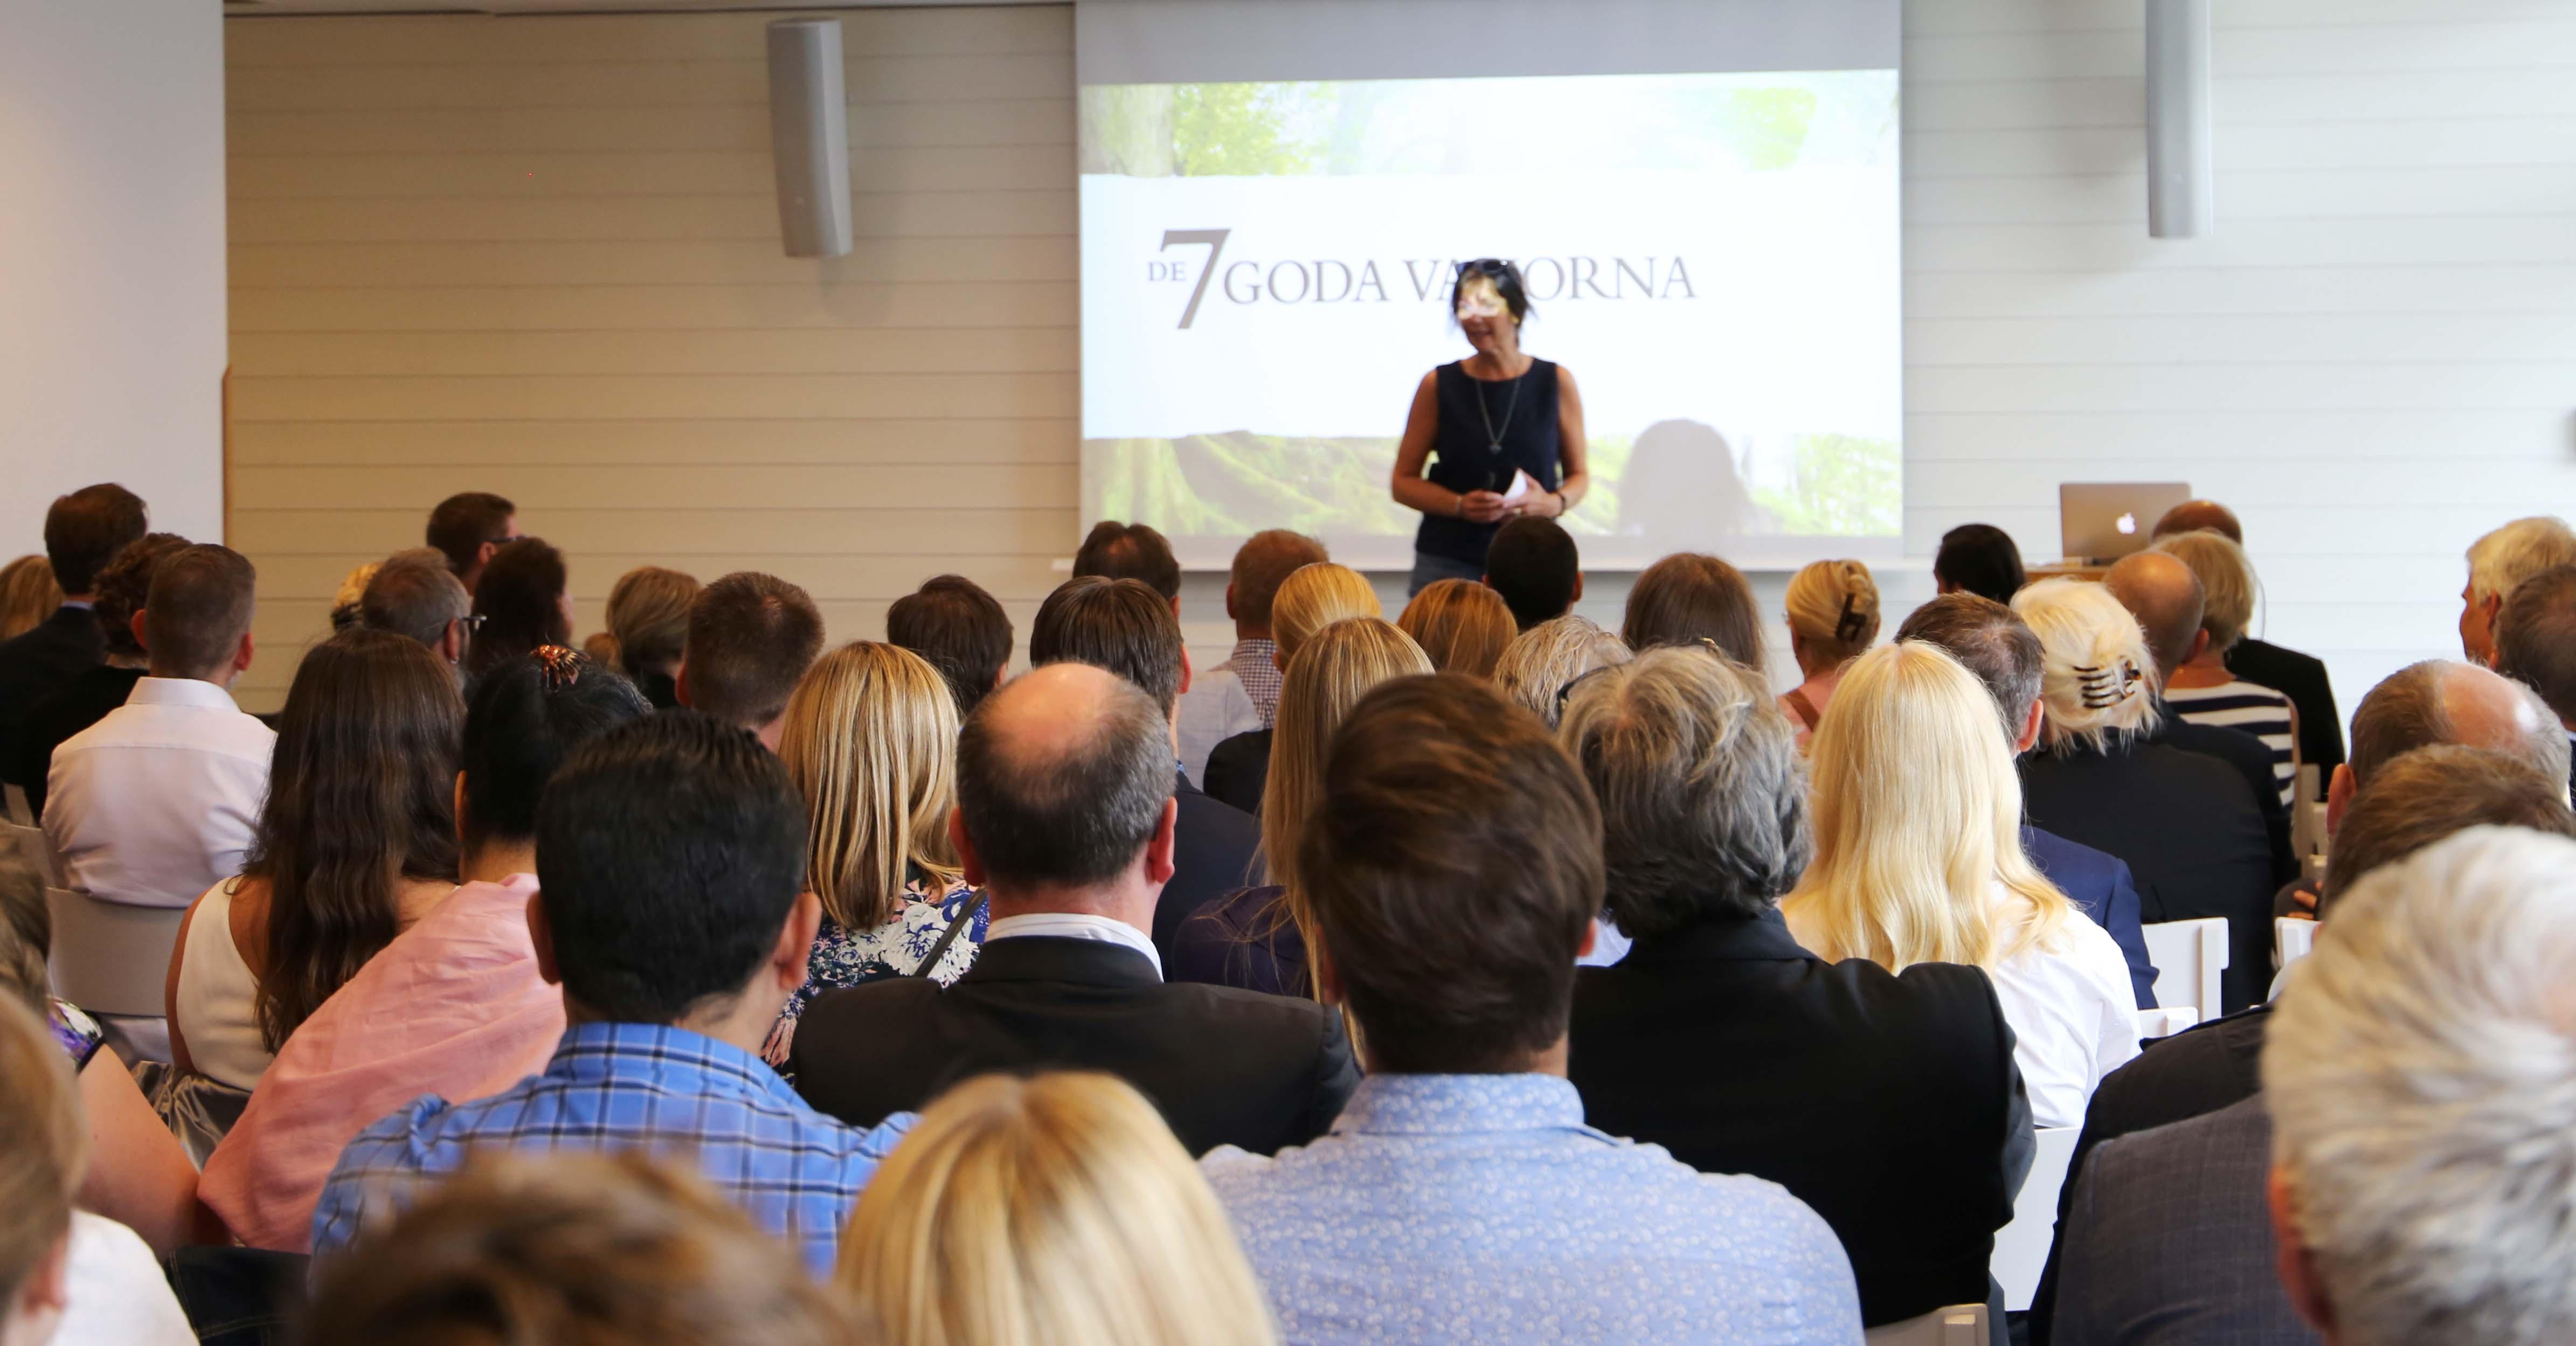 En föreläsning inför en större grupp människor om de 7 goda vanorna.